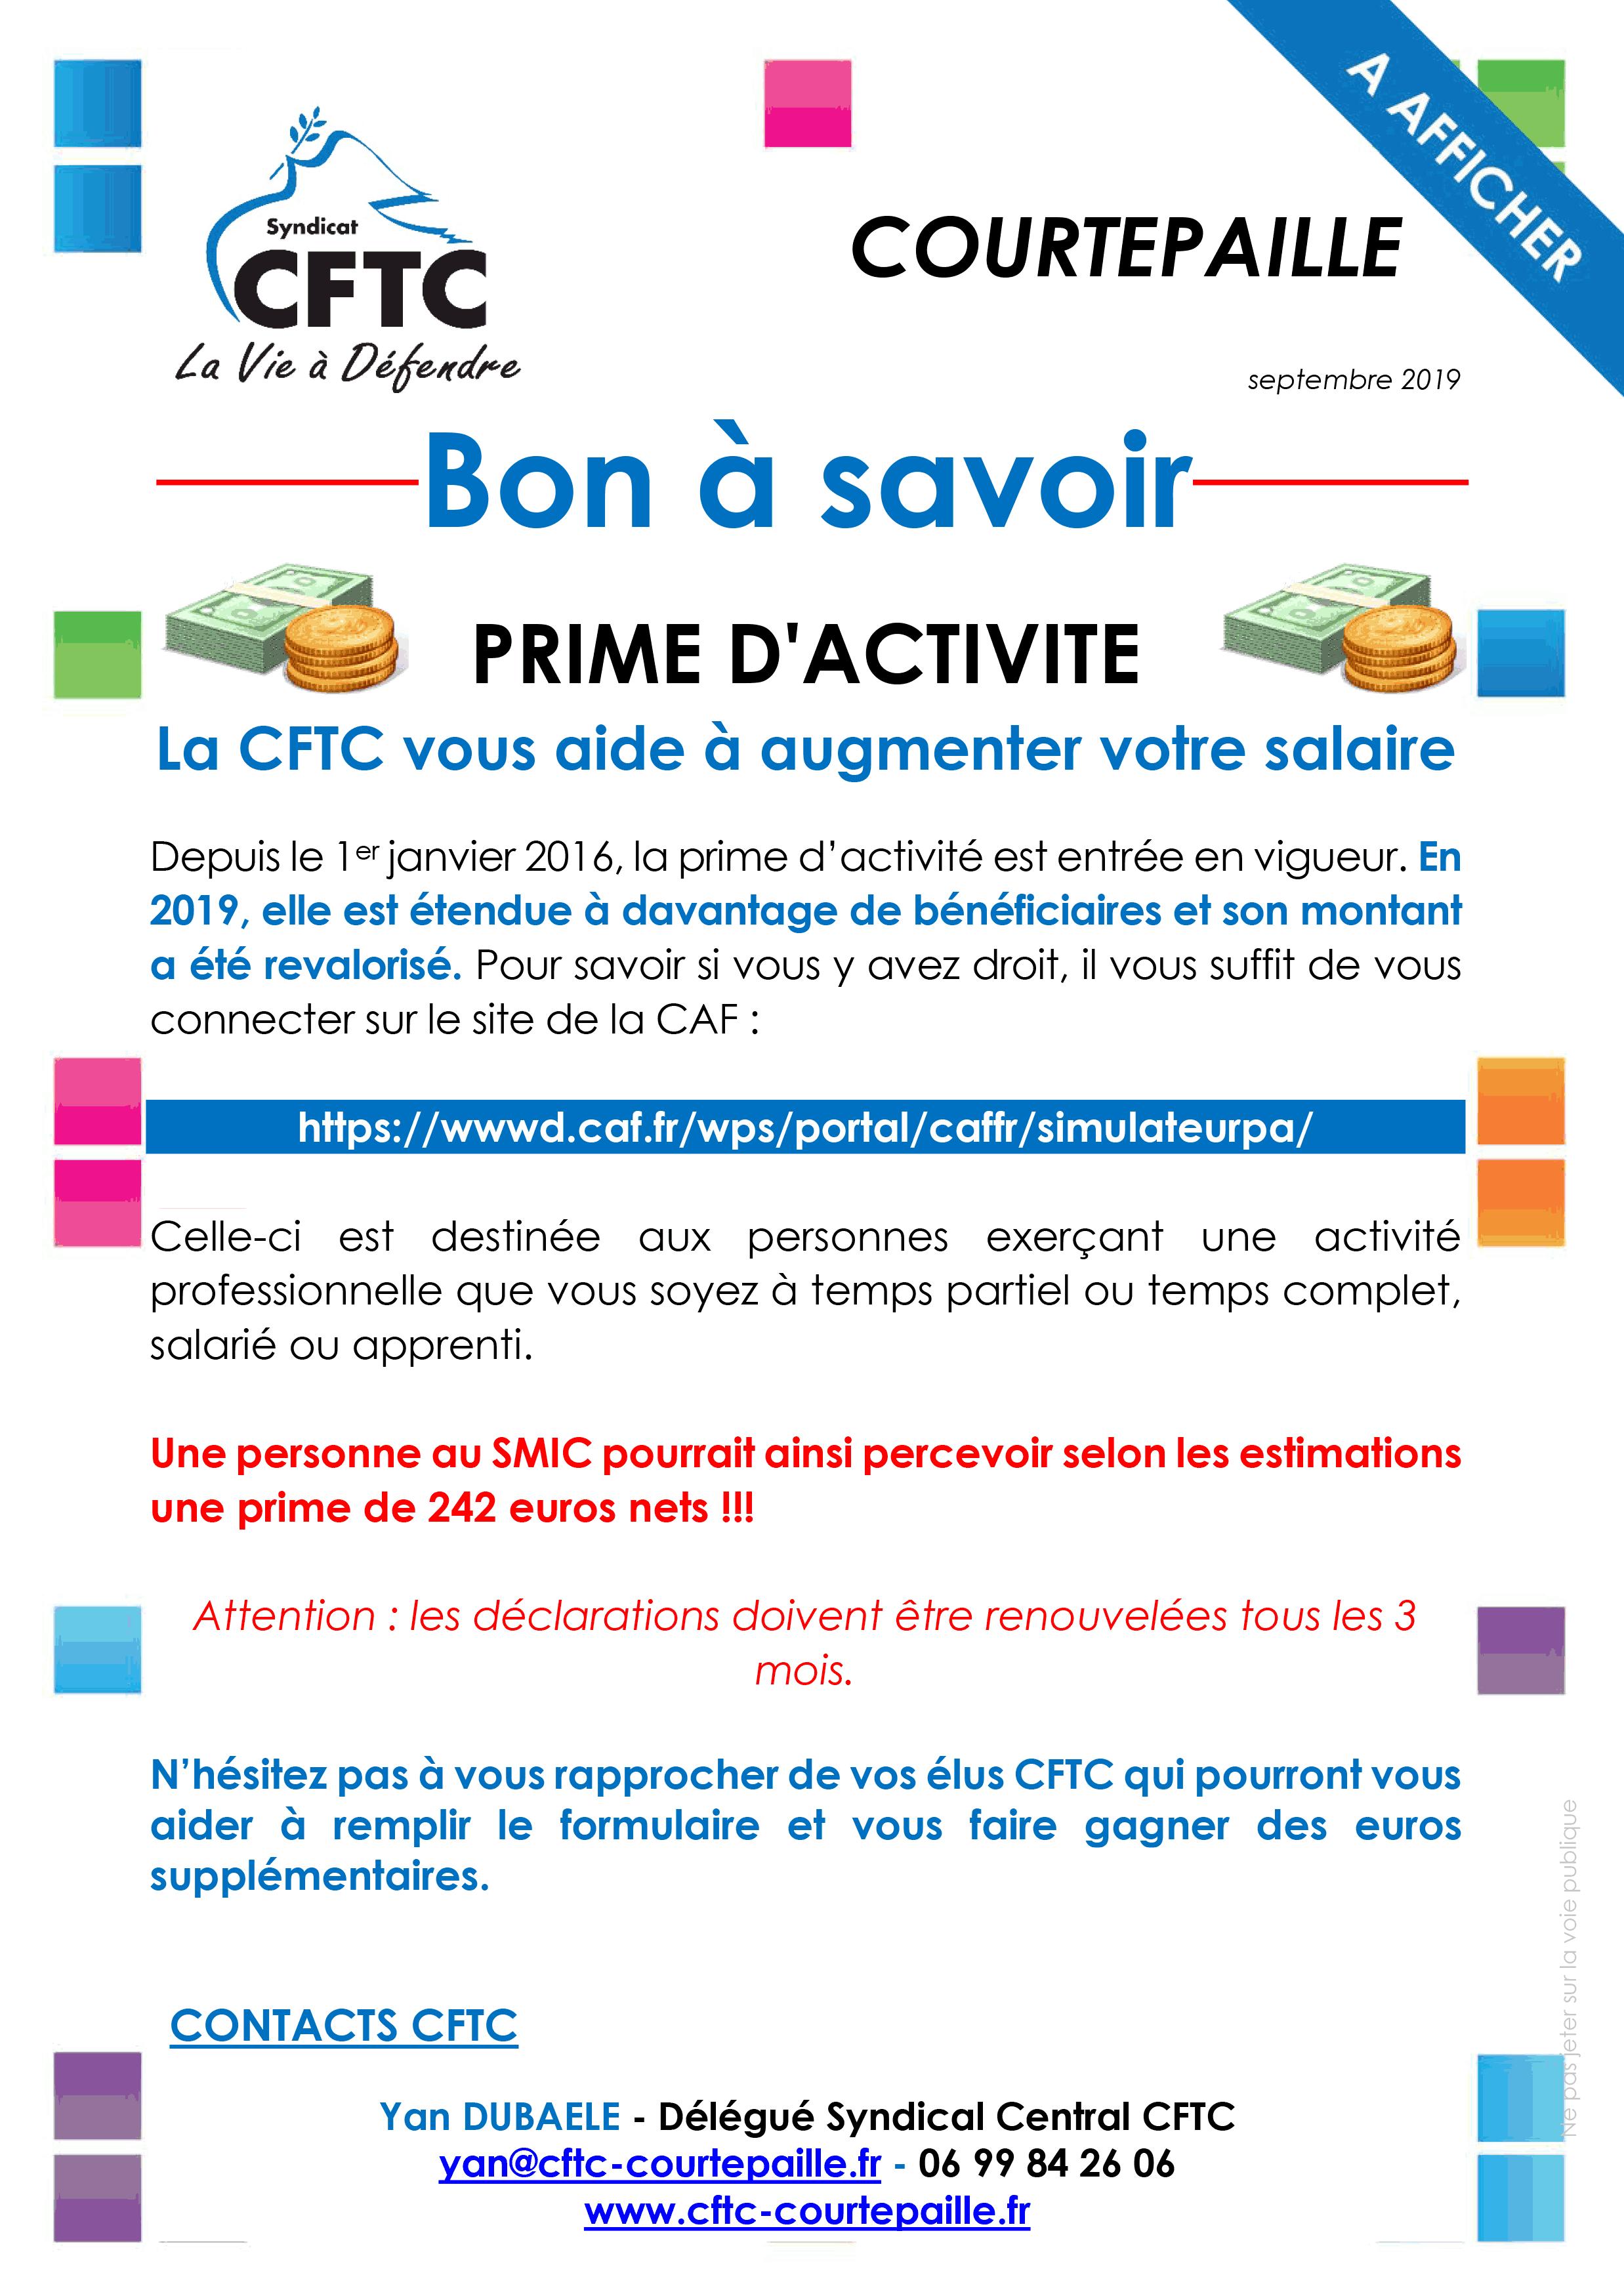 bon-a-savoir-prime-d'activité-2019